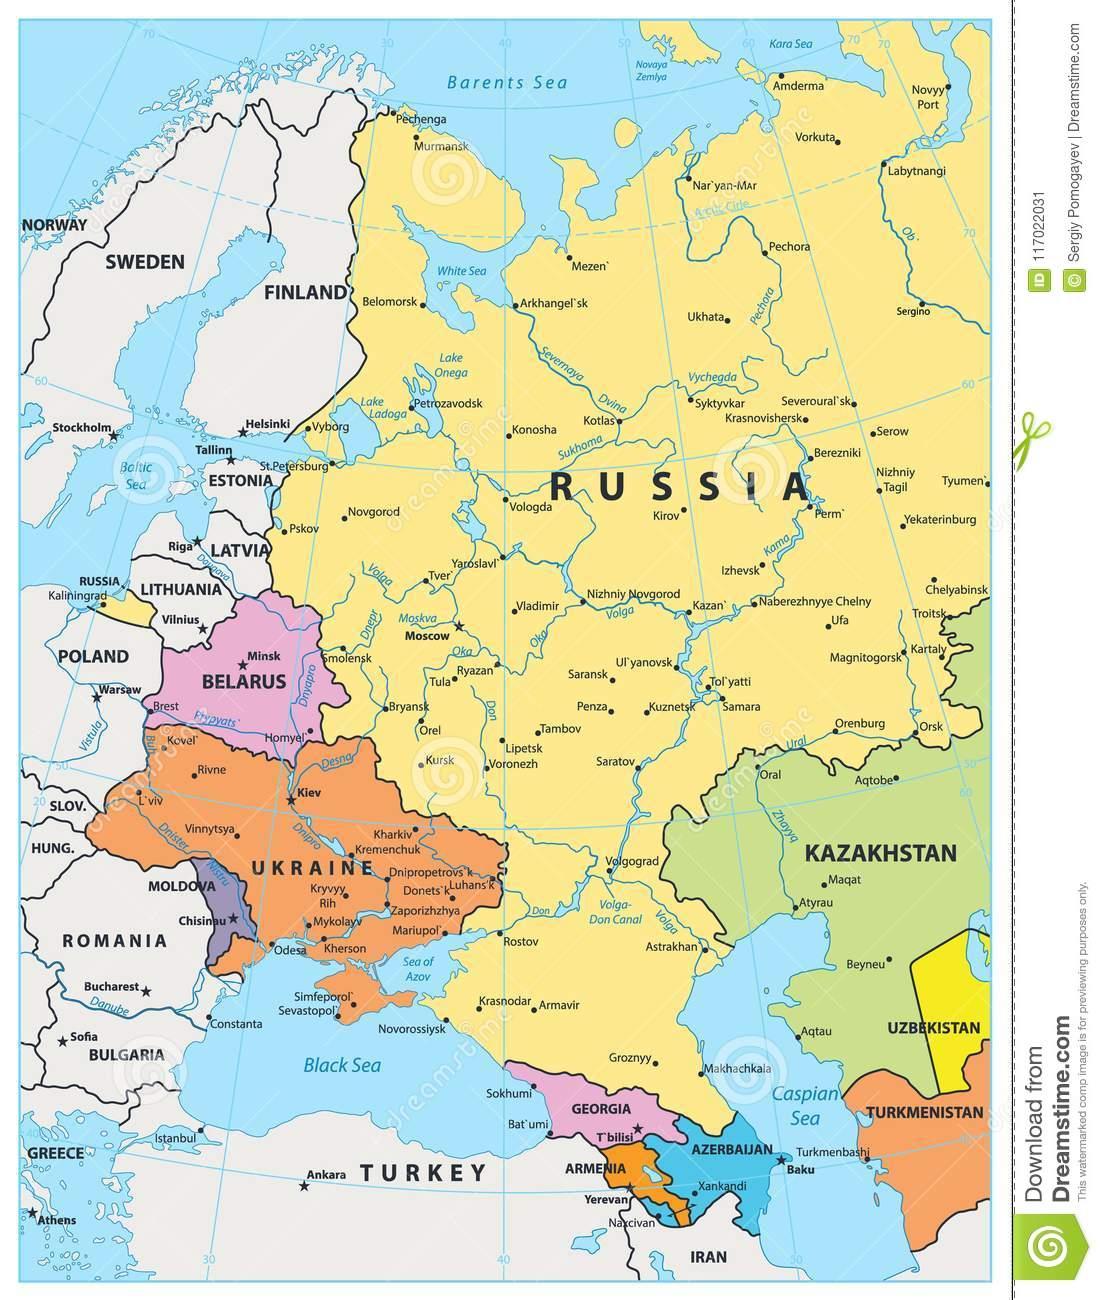 Carte Politique De L'europe De L'est Illustration De Vecteur à Carte Europe De L Est